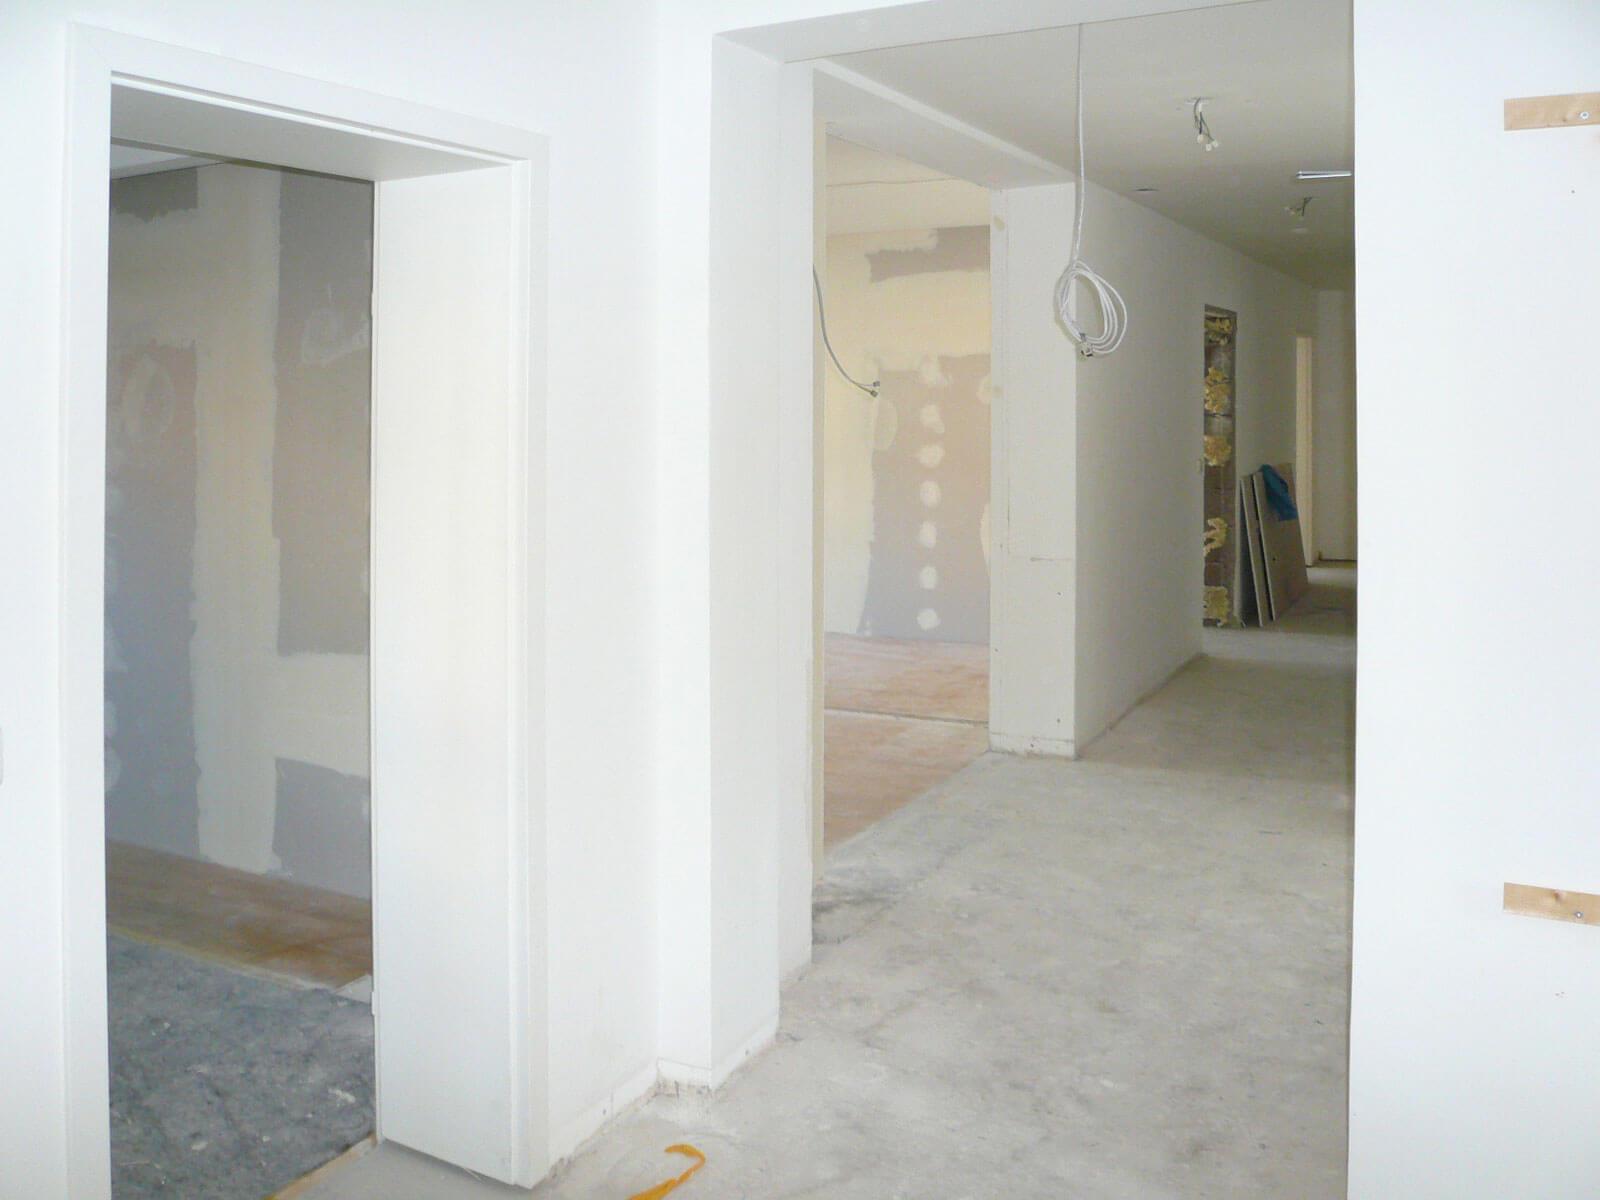 Büro in München (Ludwigsvorstadt) / Flur zur Küche: Baustelle